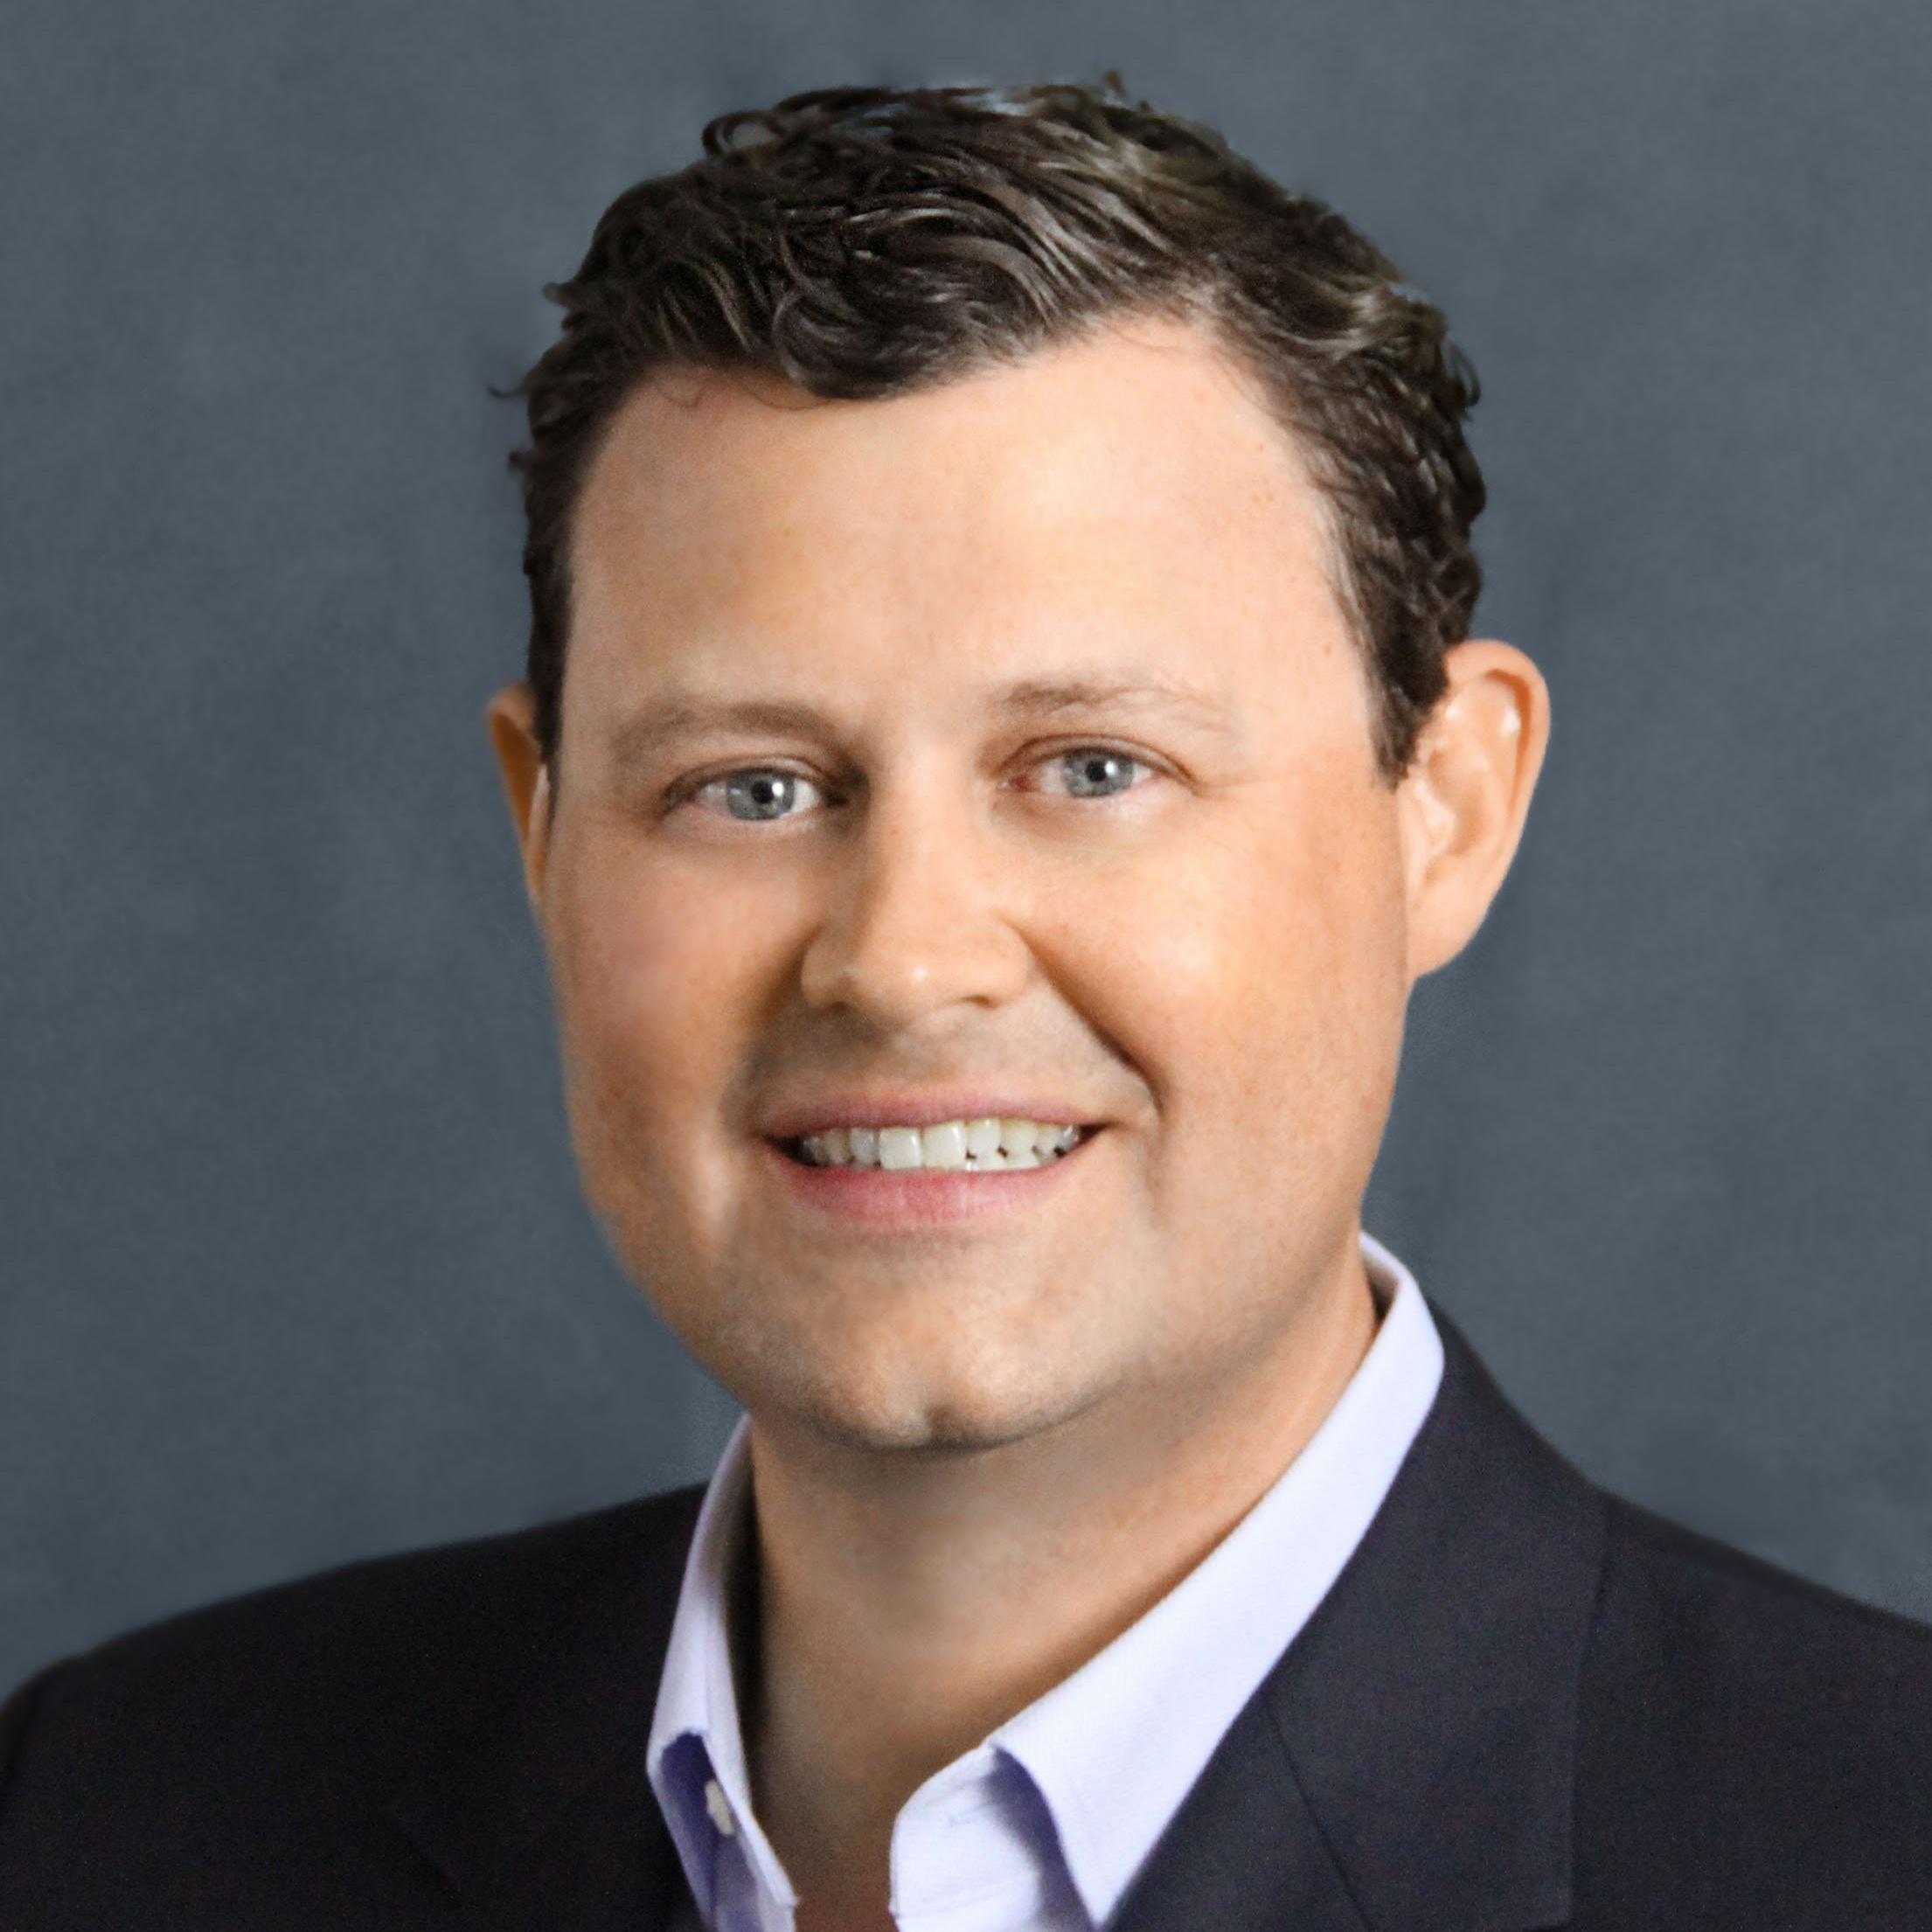 Jeff Patman